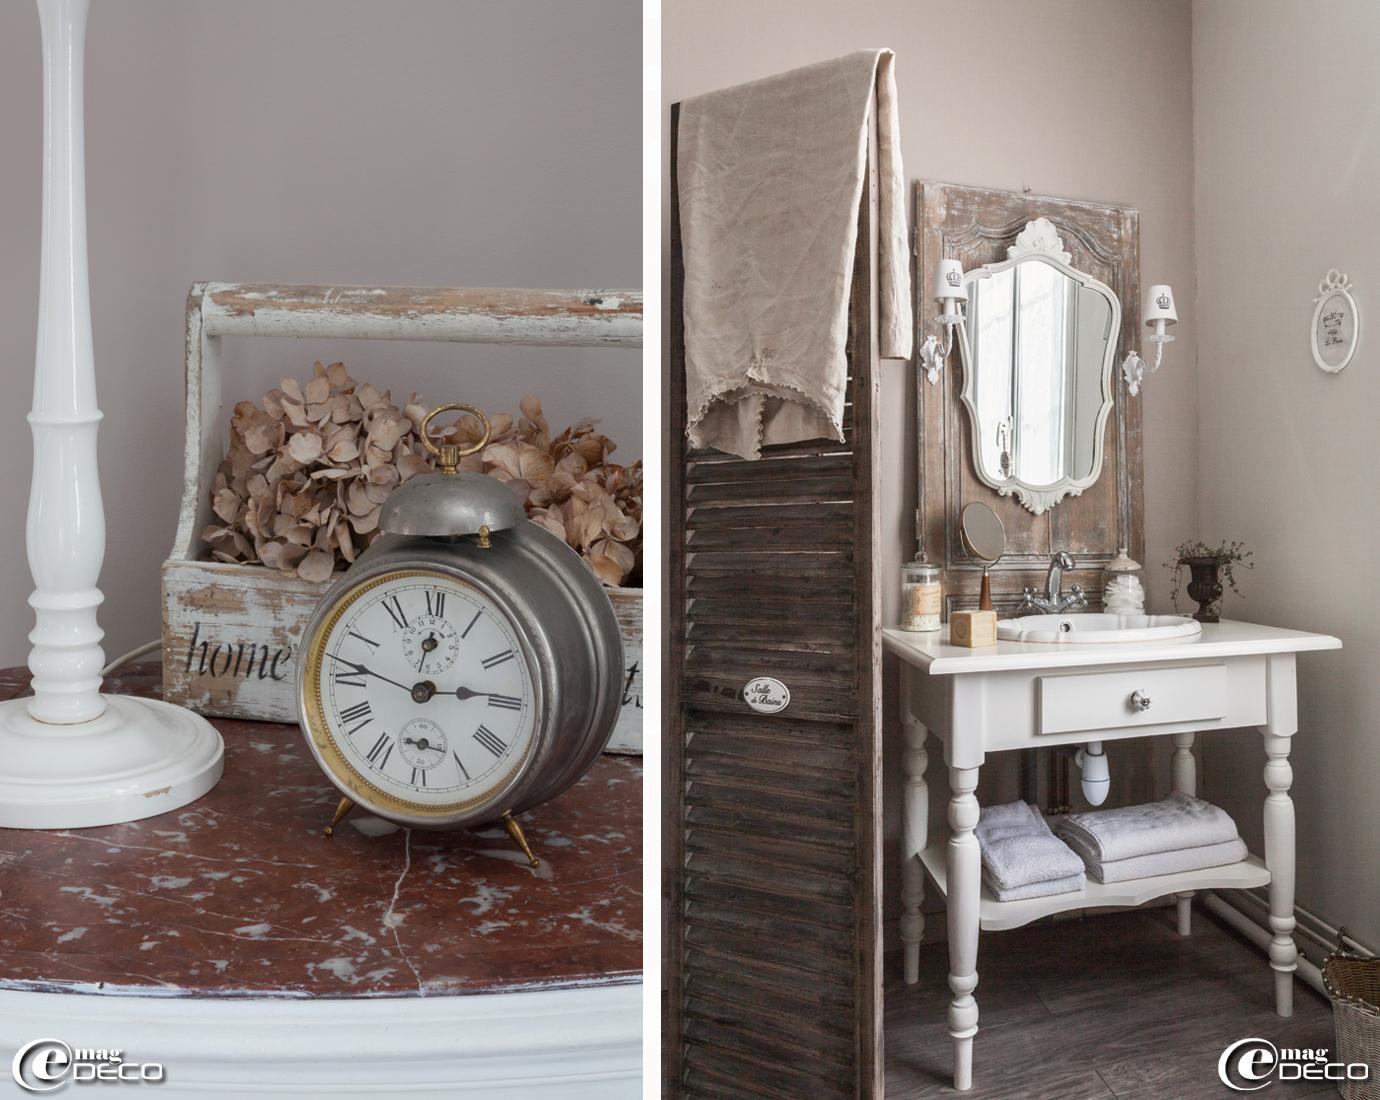 meuble maison de famille top meuble maison de famille bureau beautiful table basse maison de. Black Bedroom Furniture Sets. Home Design Ideas